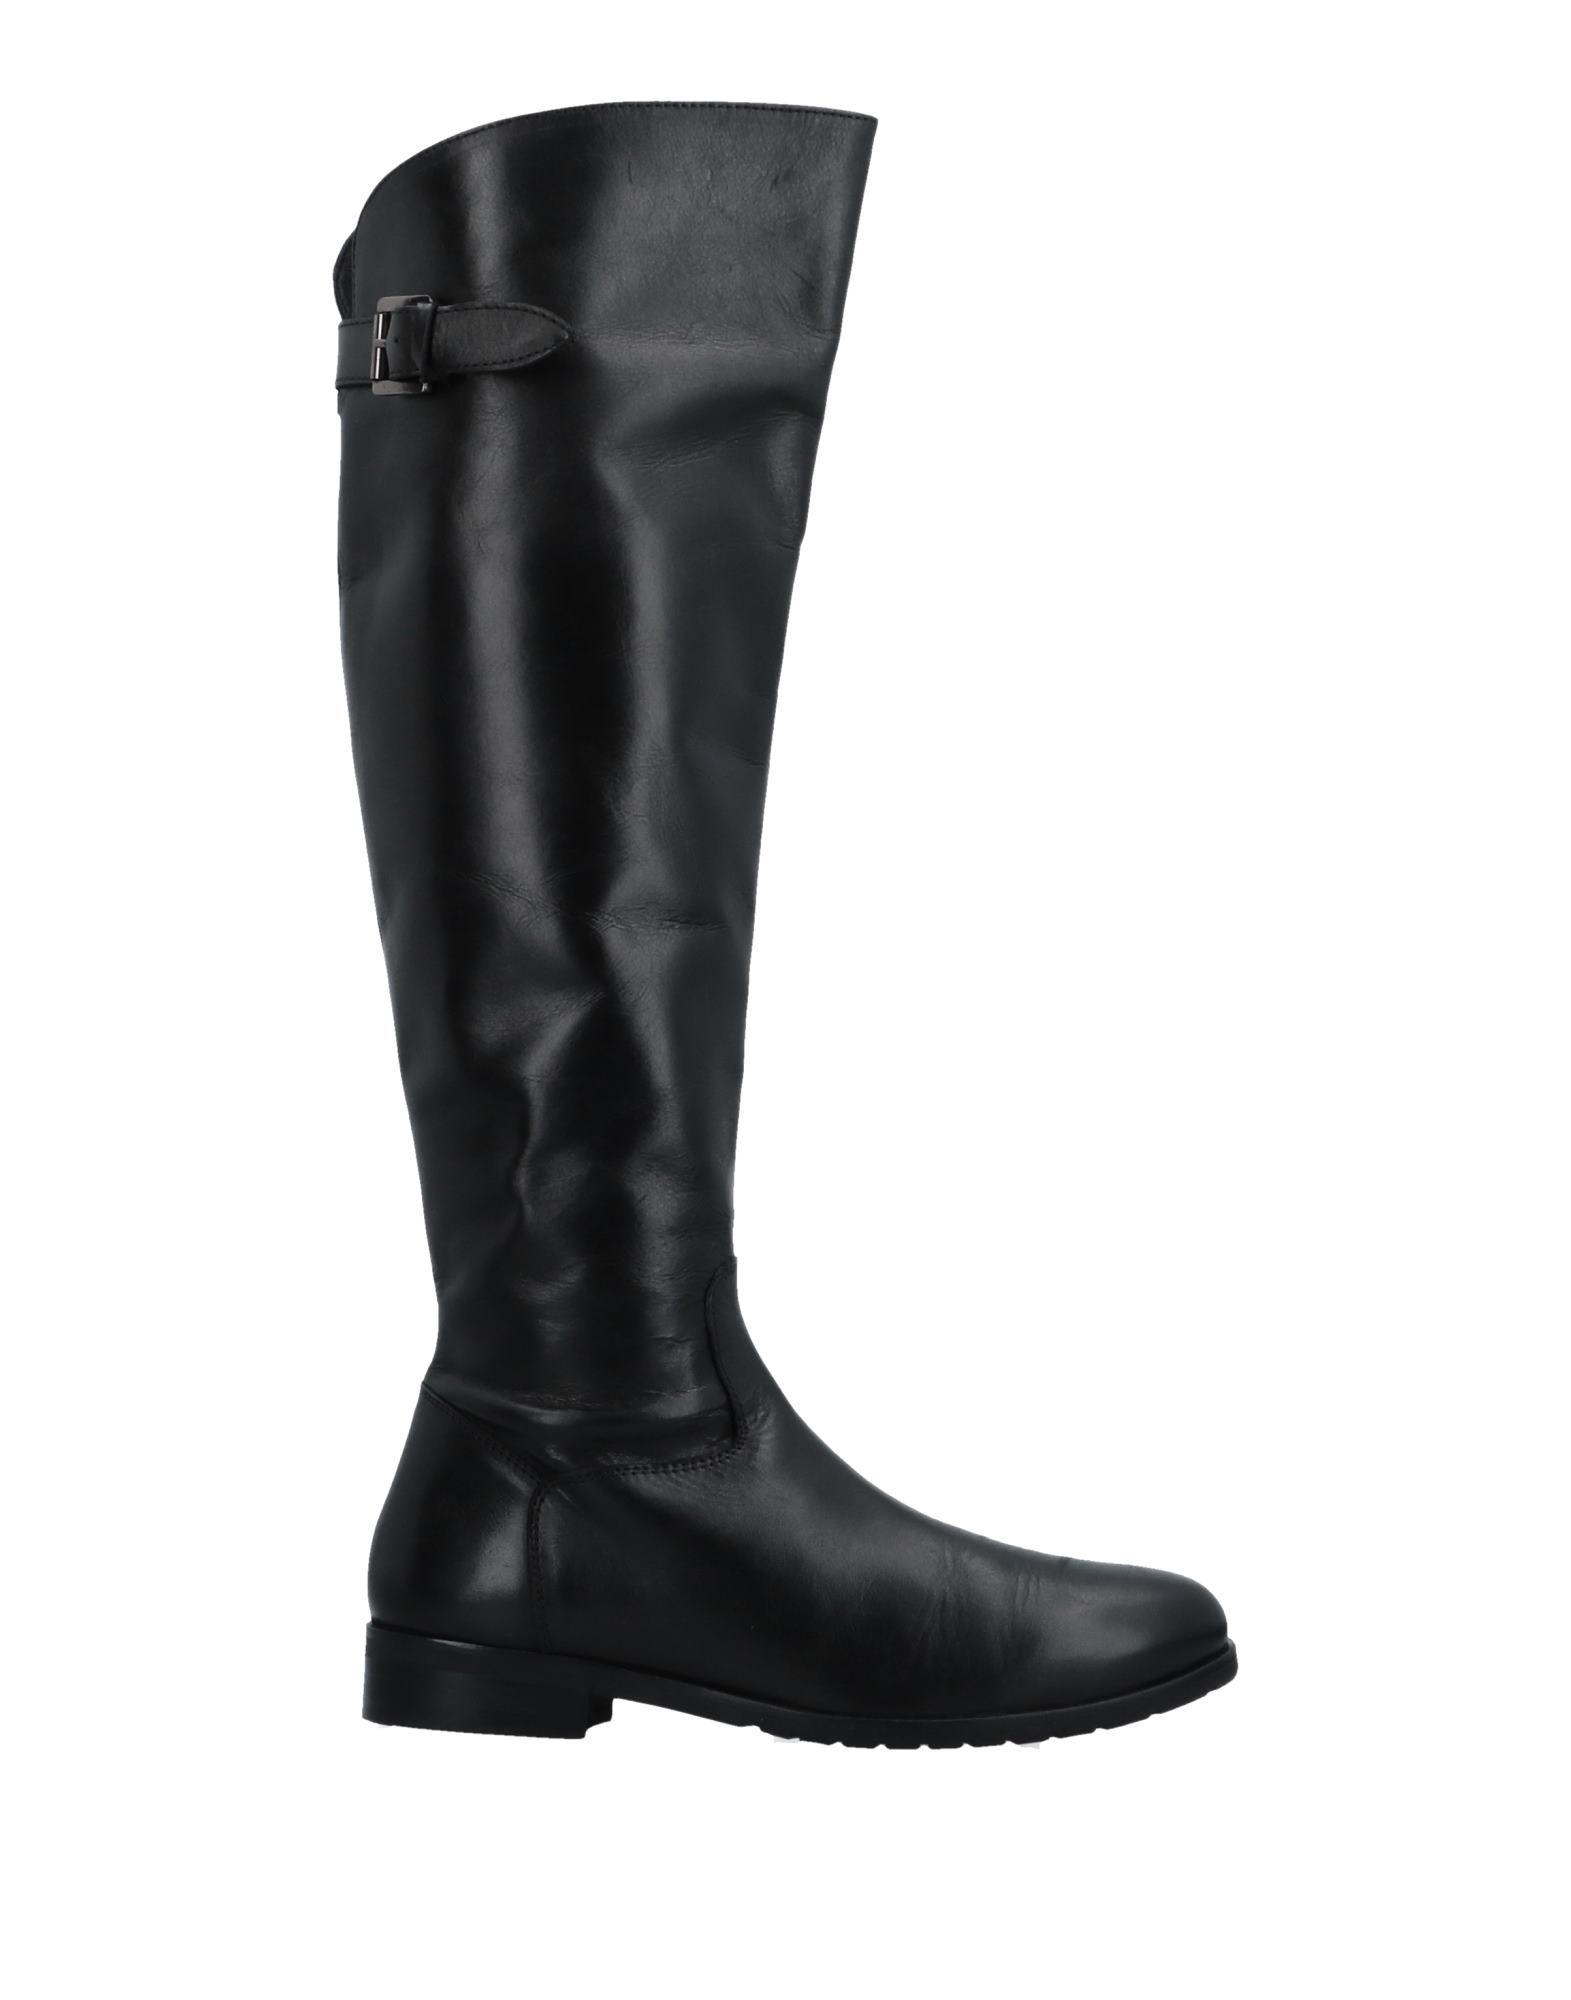 CARLO PAZOLINI | CARLO PAZOLINI Boots | Goxip